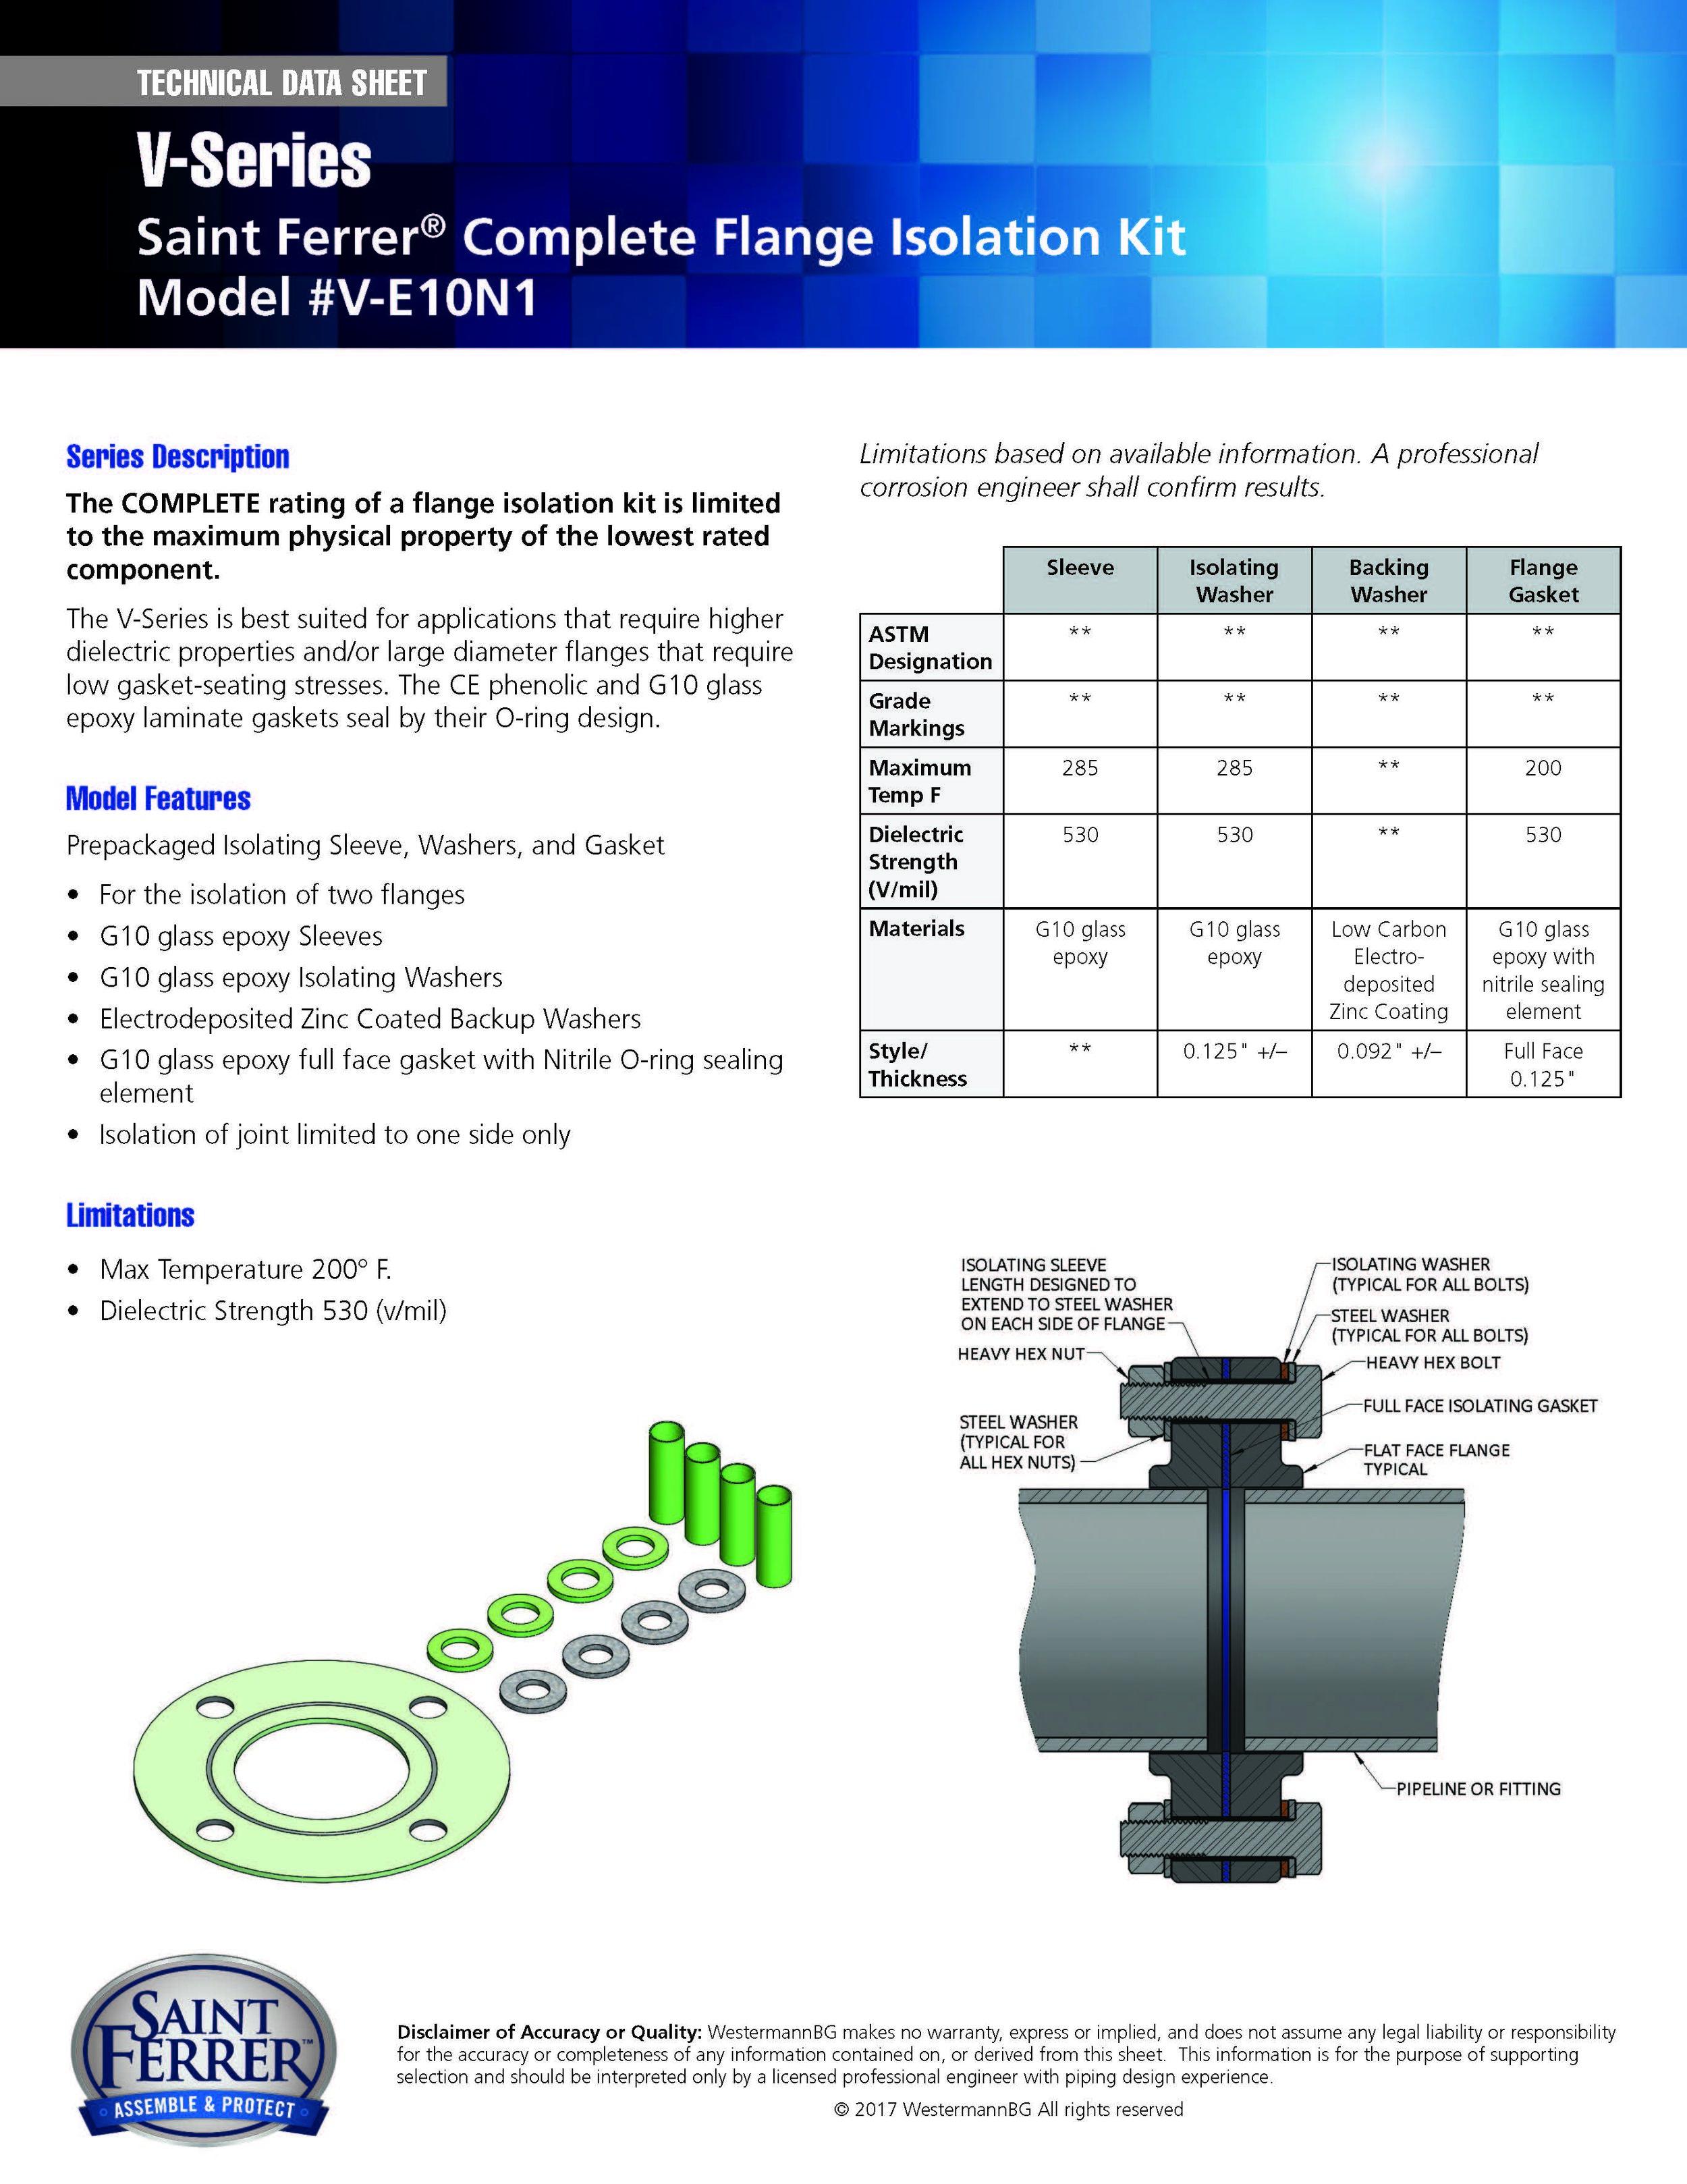 SF_Data_Sheet_V_Series_V-E10N1.jpg